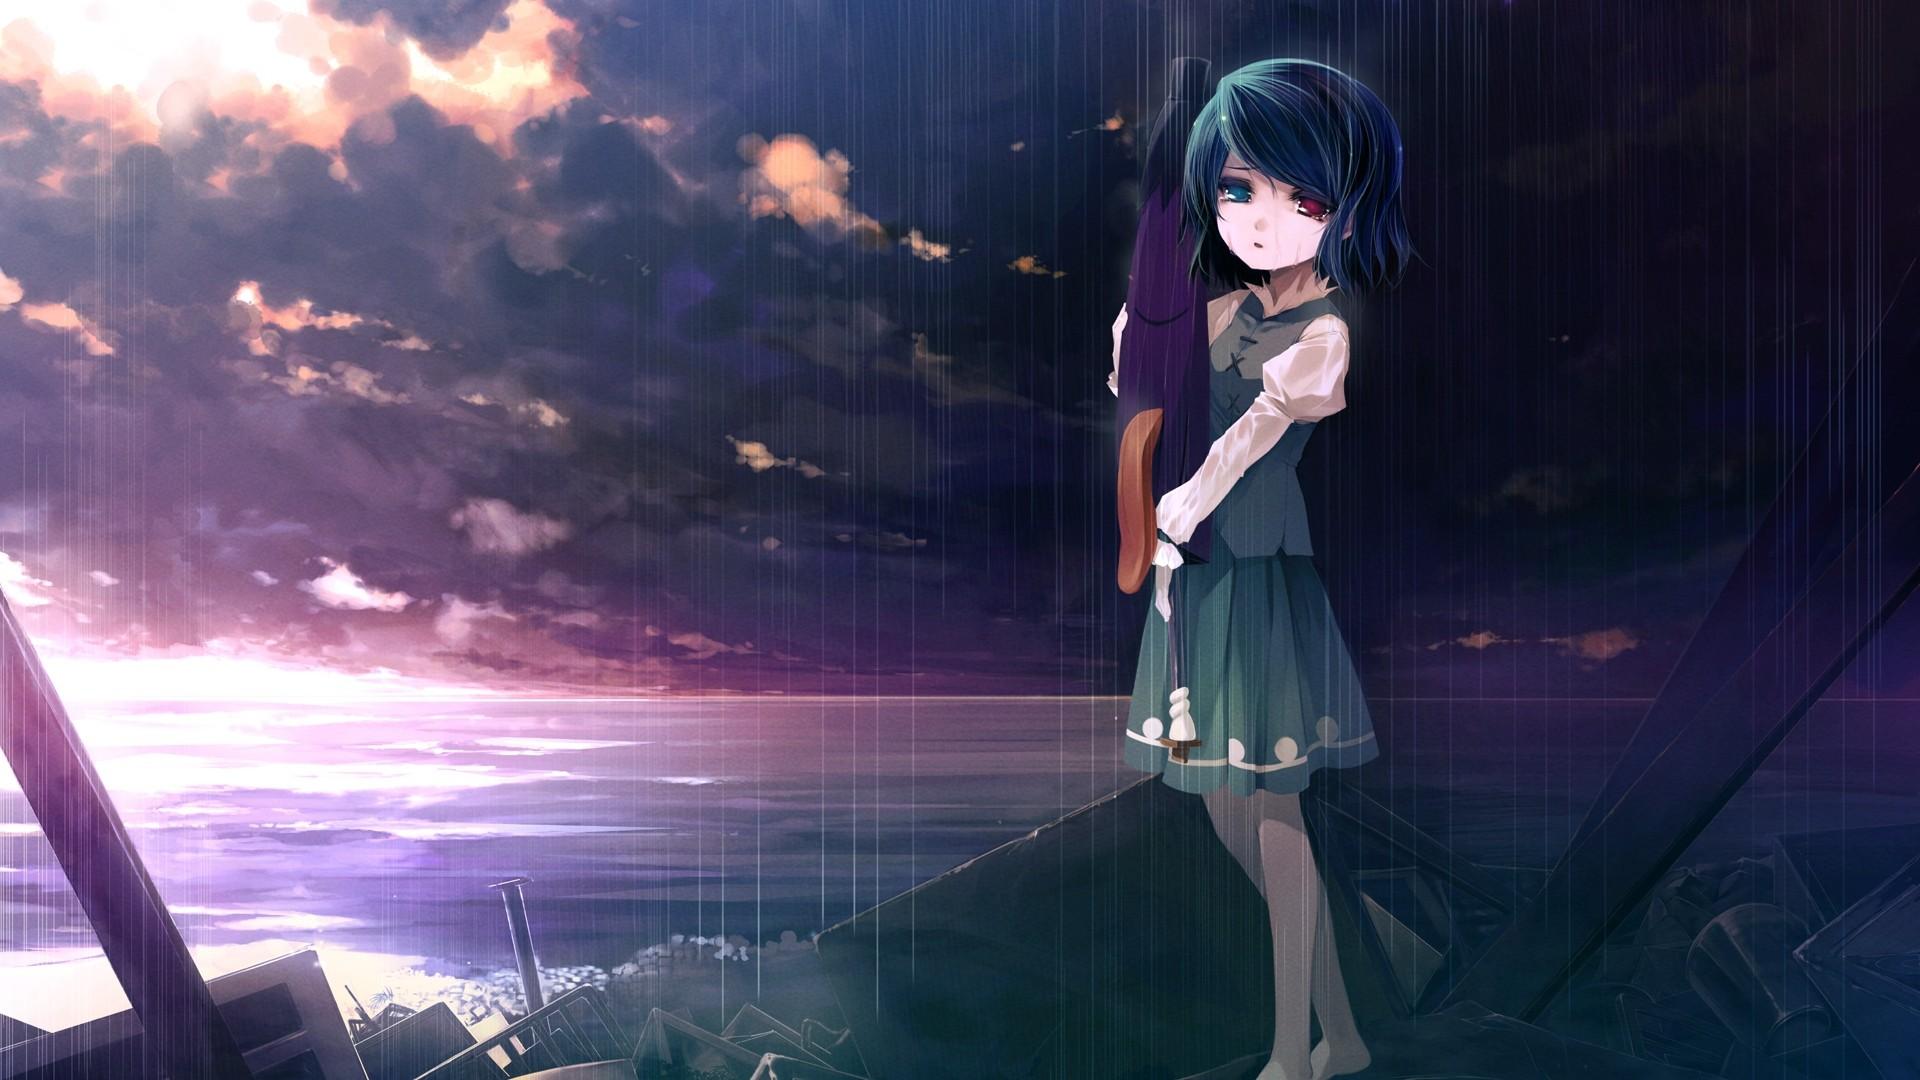 Sad Girl Wallpaper Hd Full Size: Sad Anime Wallpapers ·① WallpaperTag